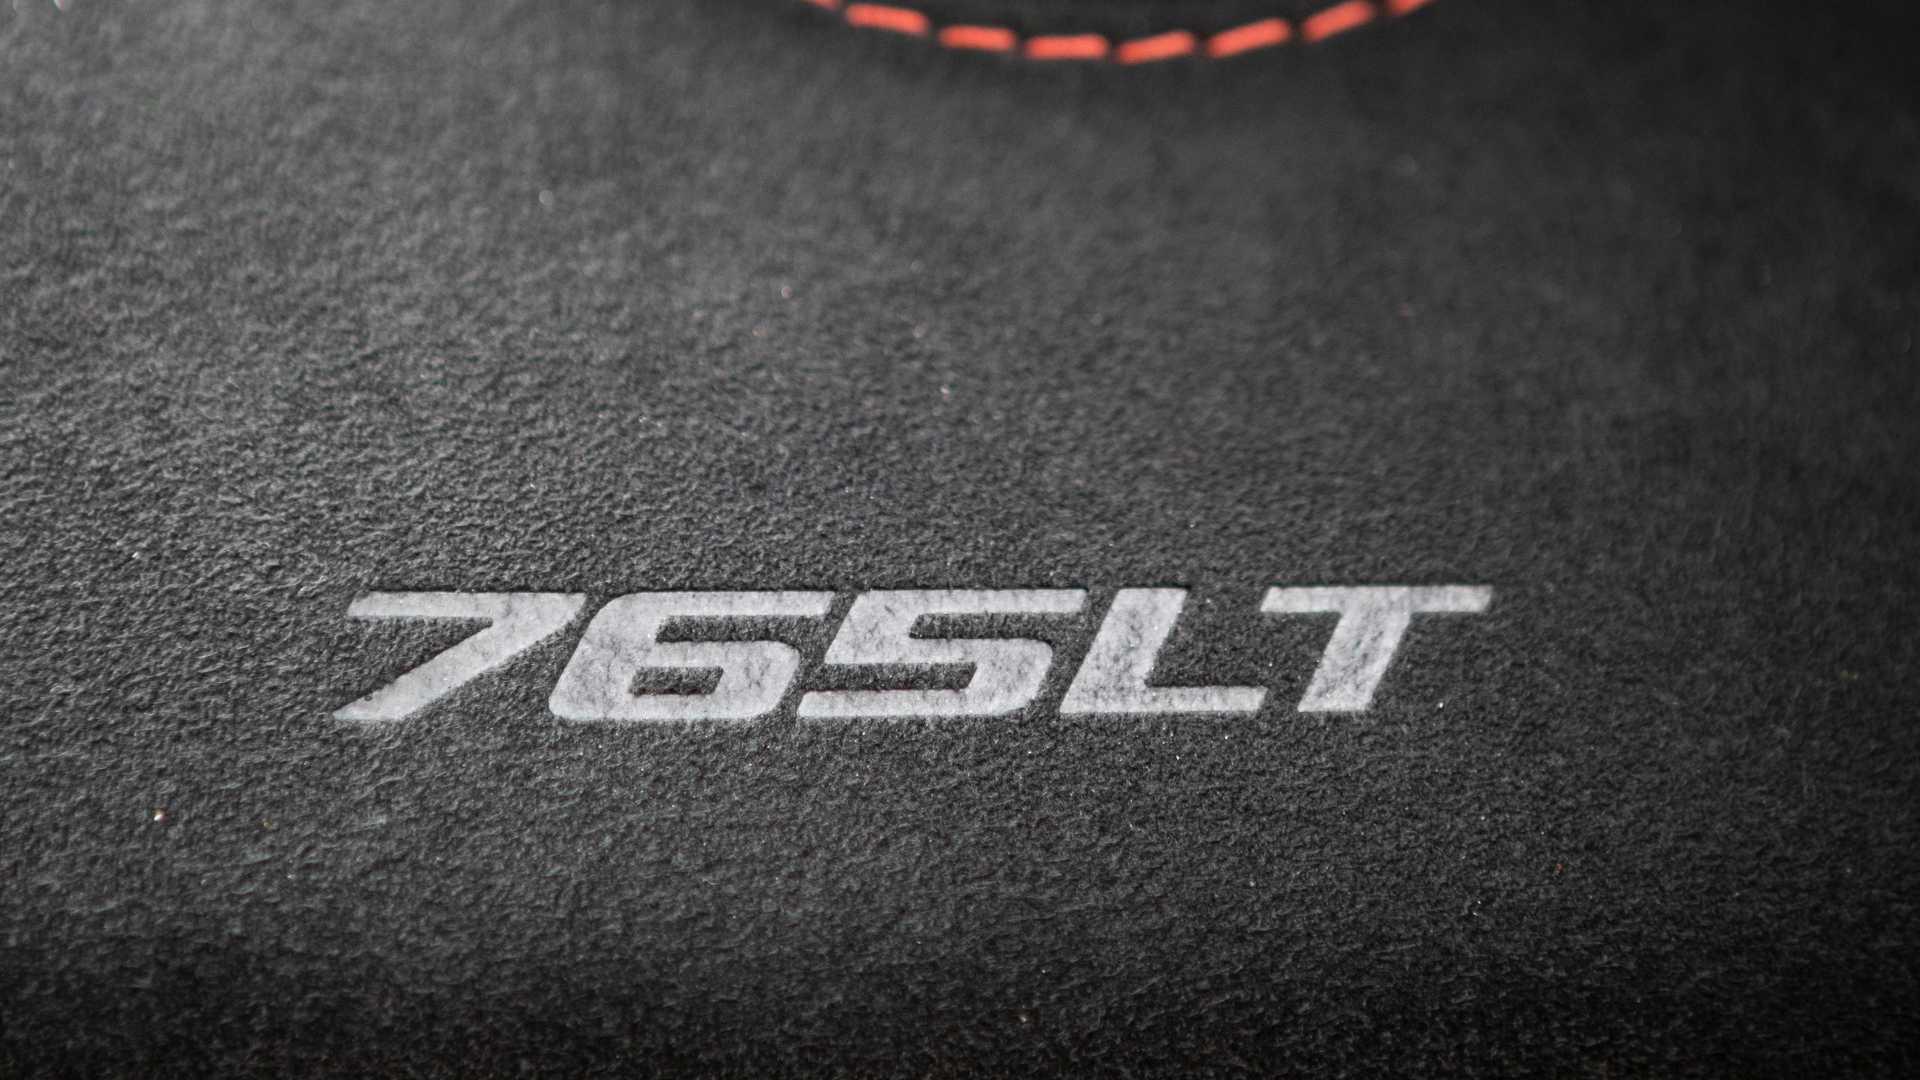 2021 McLaren 765LT dash stitch